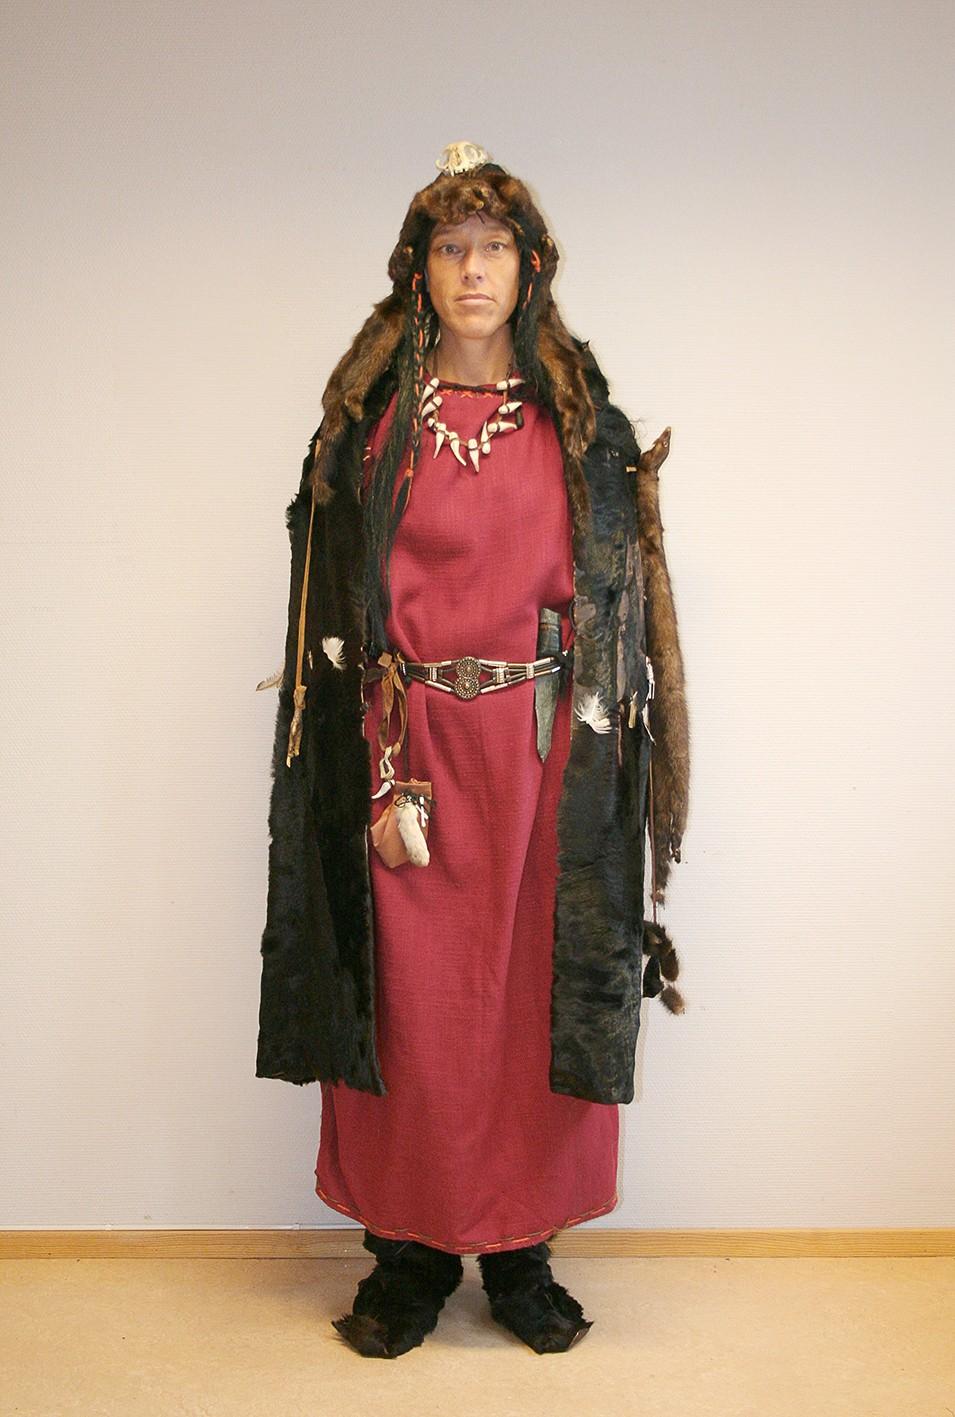 Volven i en lang rød bronsealderskjole, pelskappe og hodeplagg